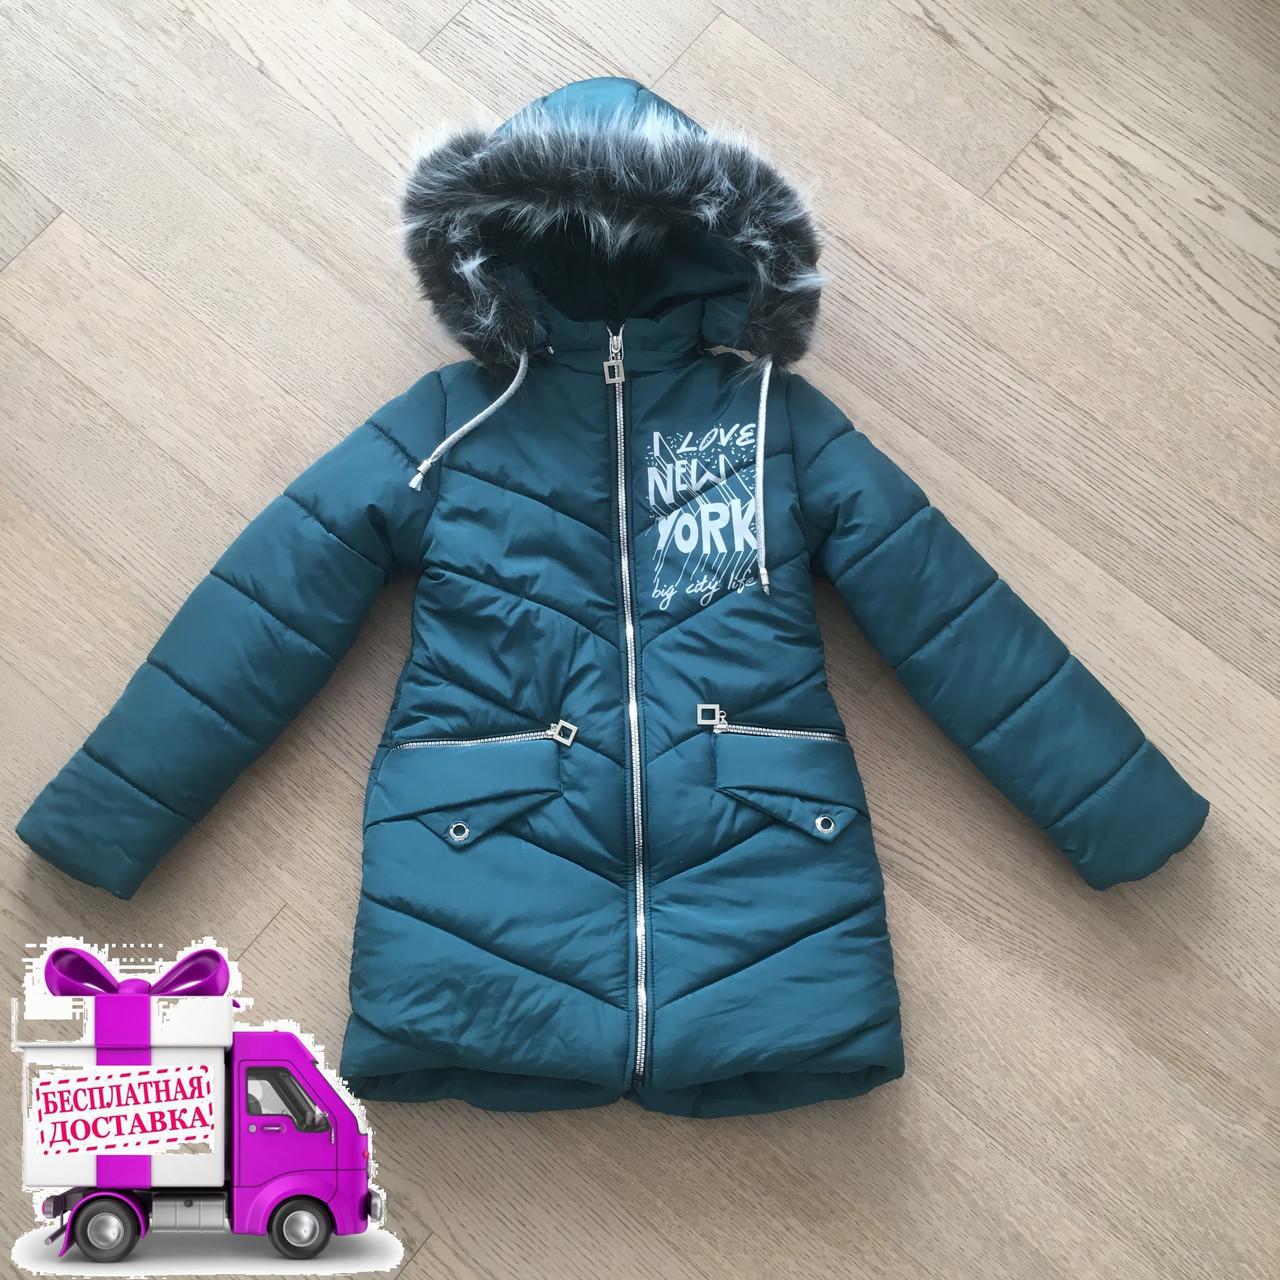 Зимняя куртка на девочку курточка детская зима 10-13 лет зеленая